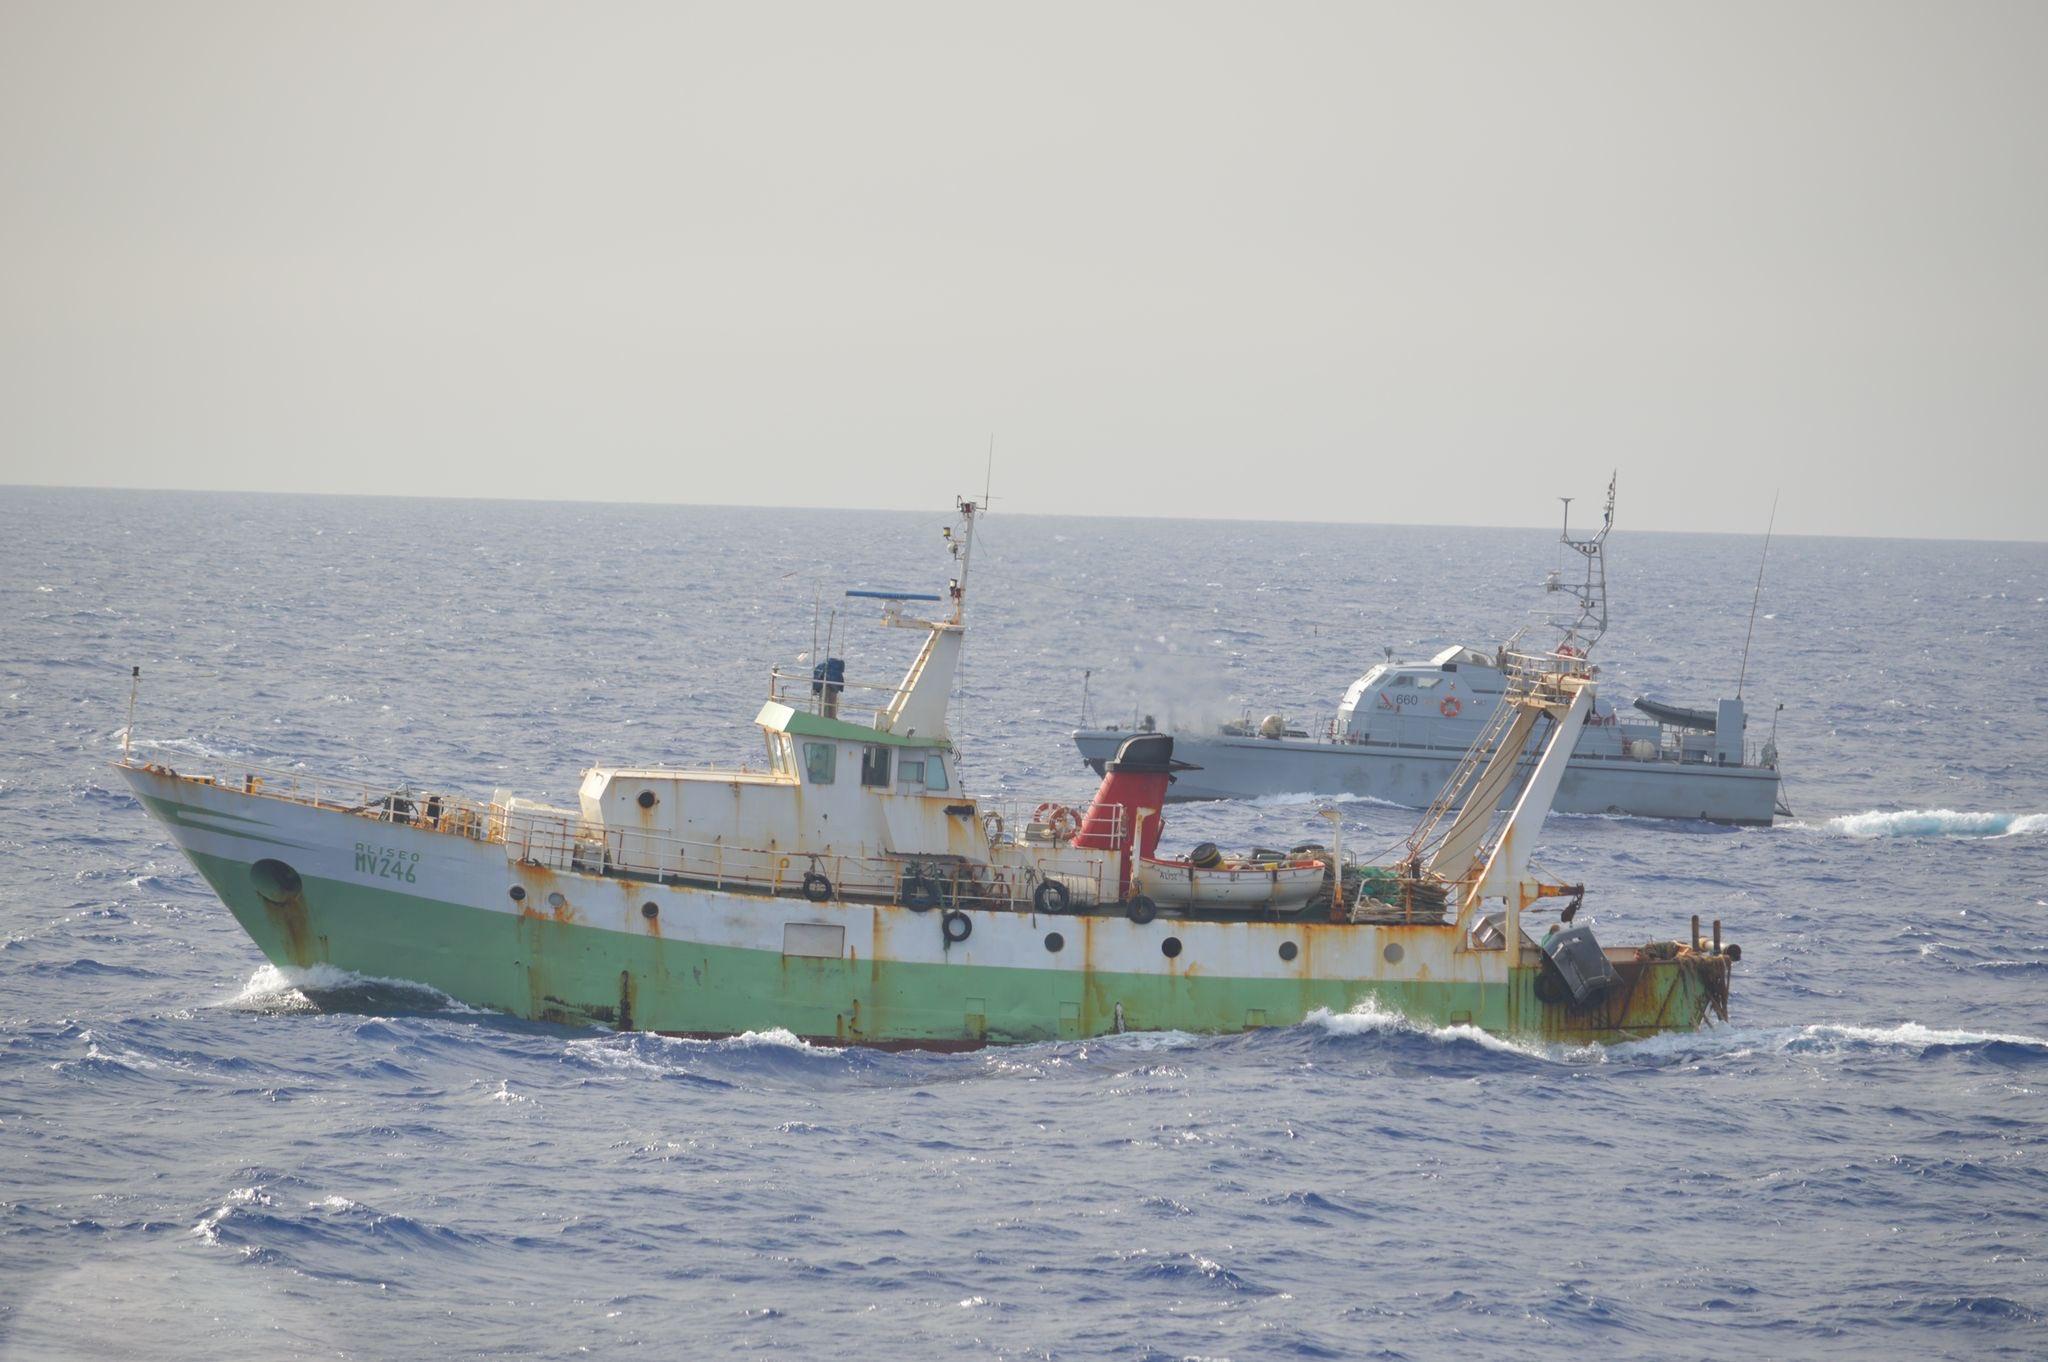 漁船Artemide、Aliseo、Nuovo Cosimo、リビアとイタリアの何が問題なのか